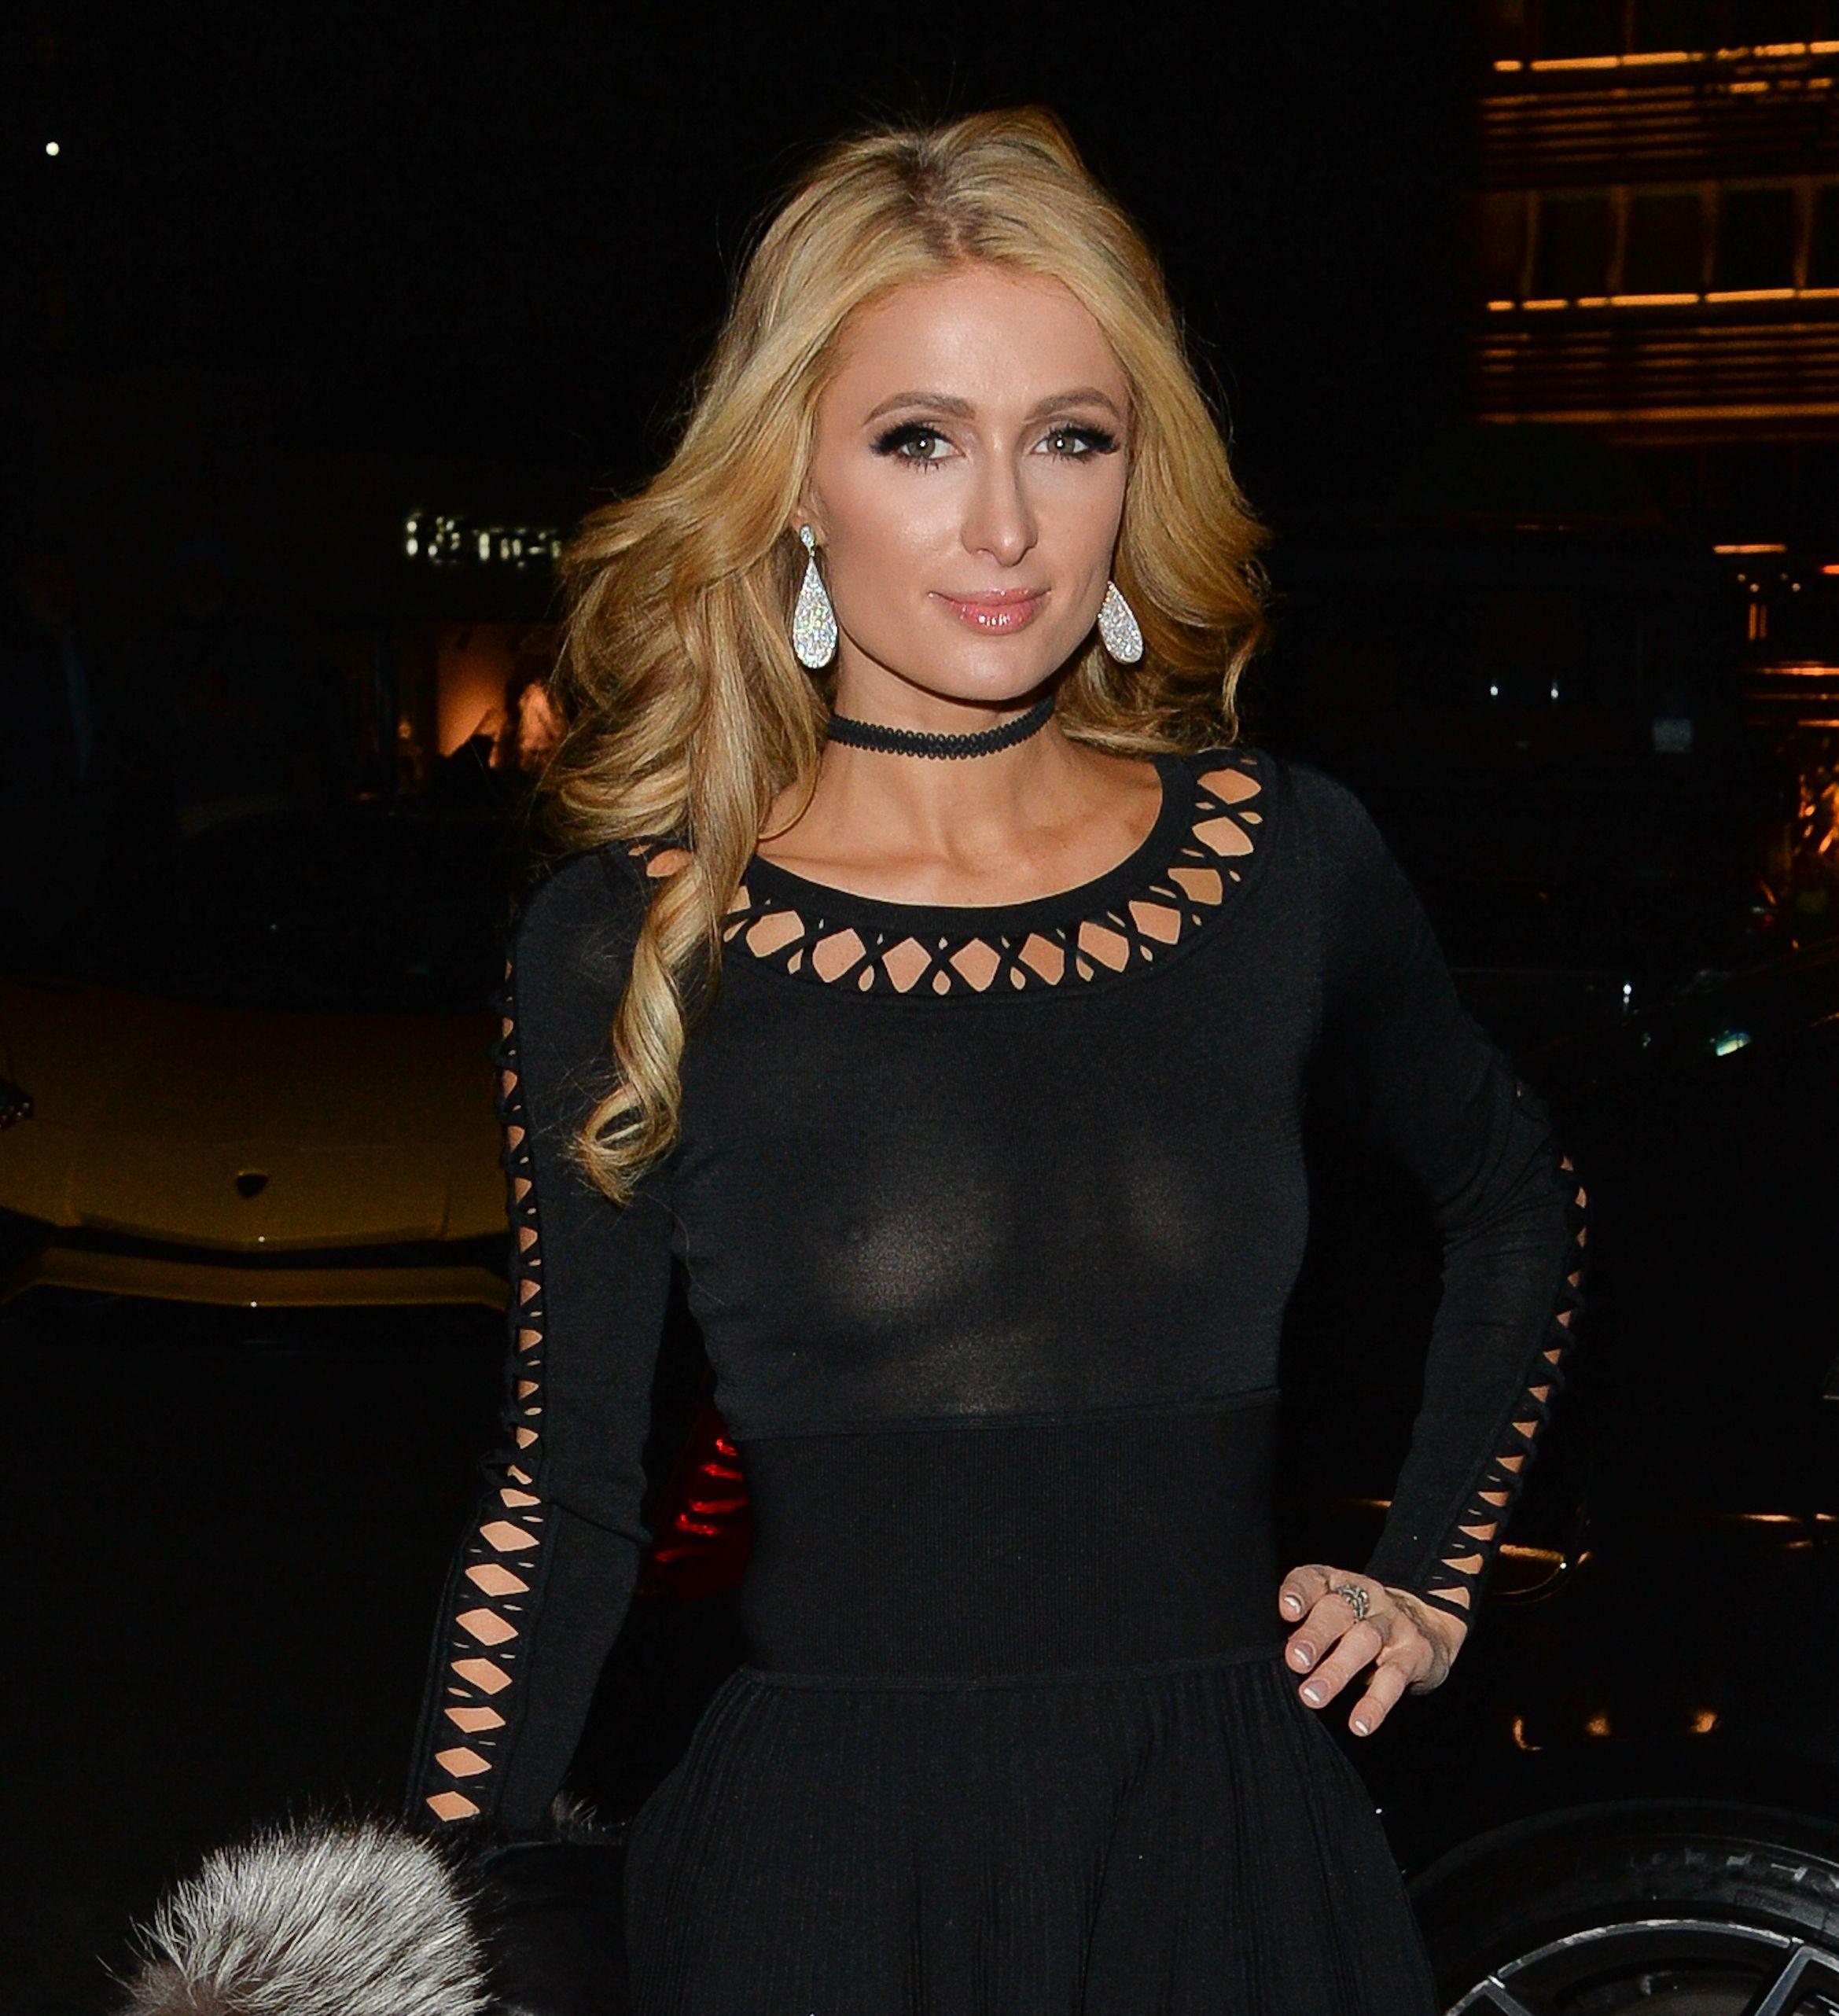 Paris Hilton leaked naked pics